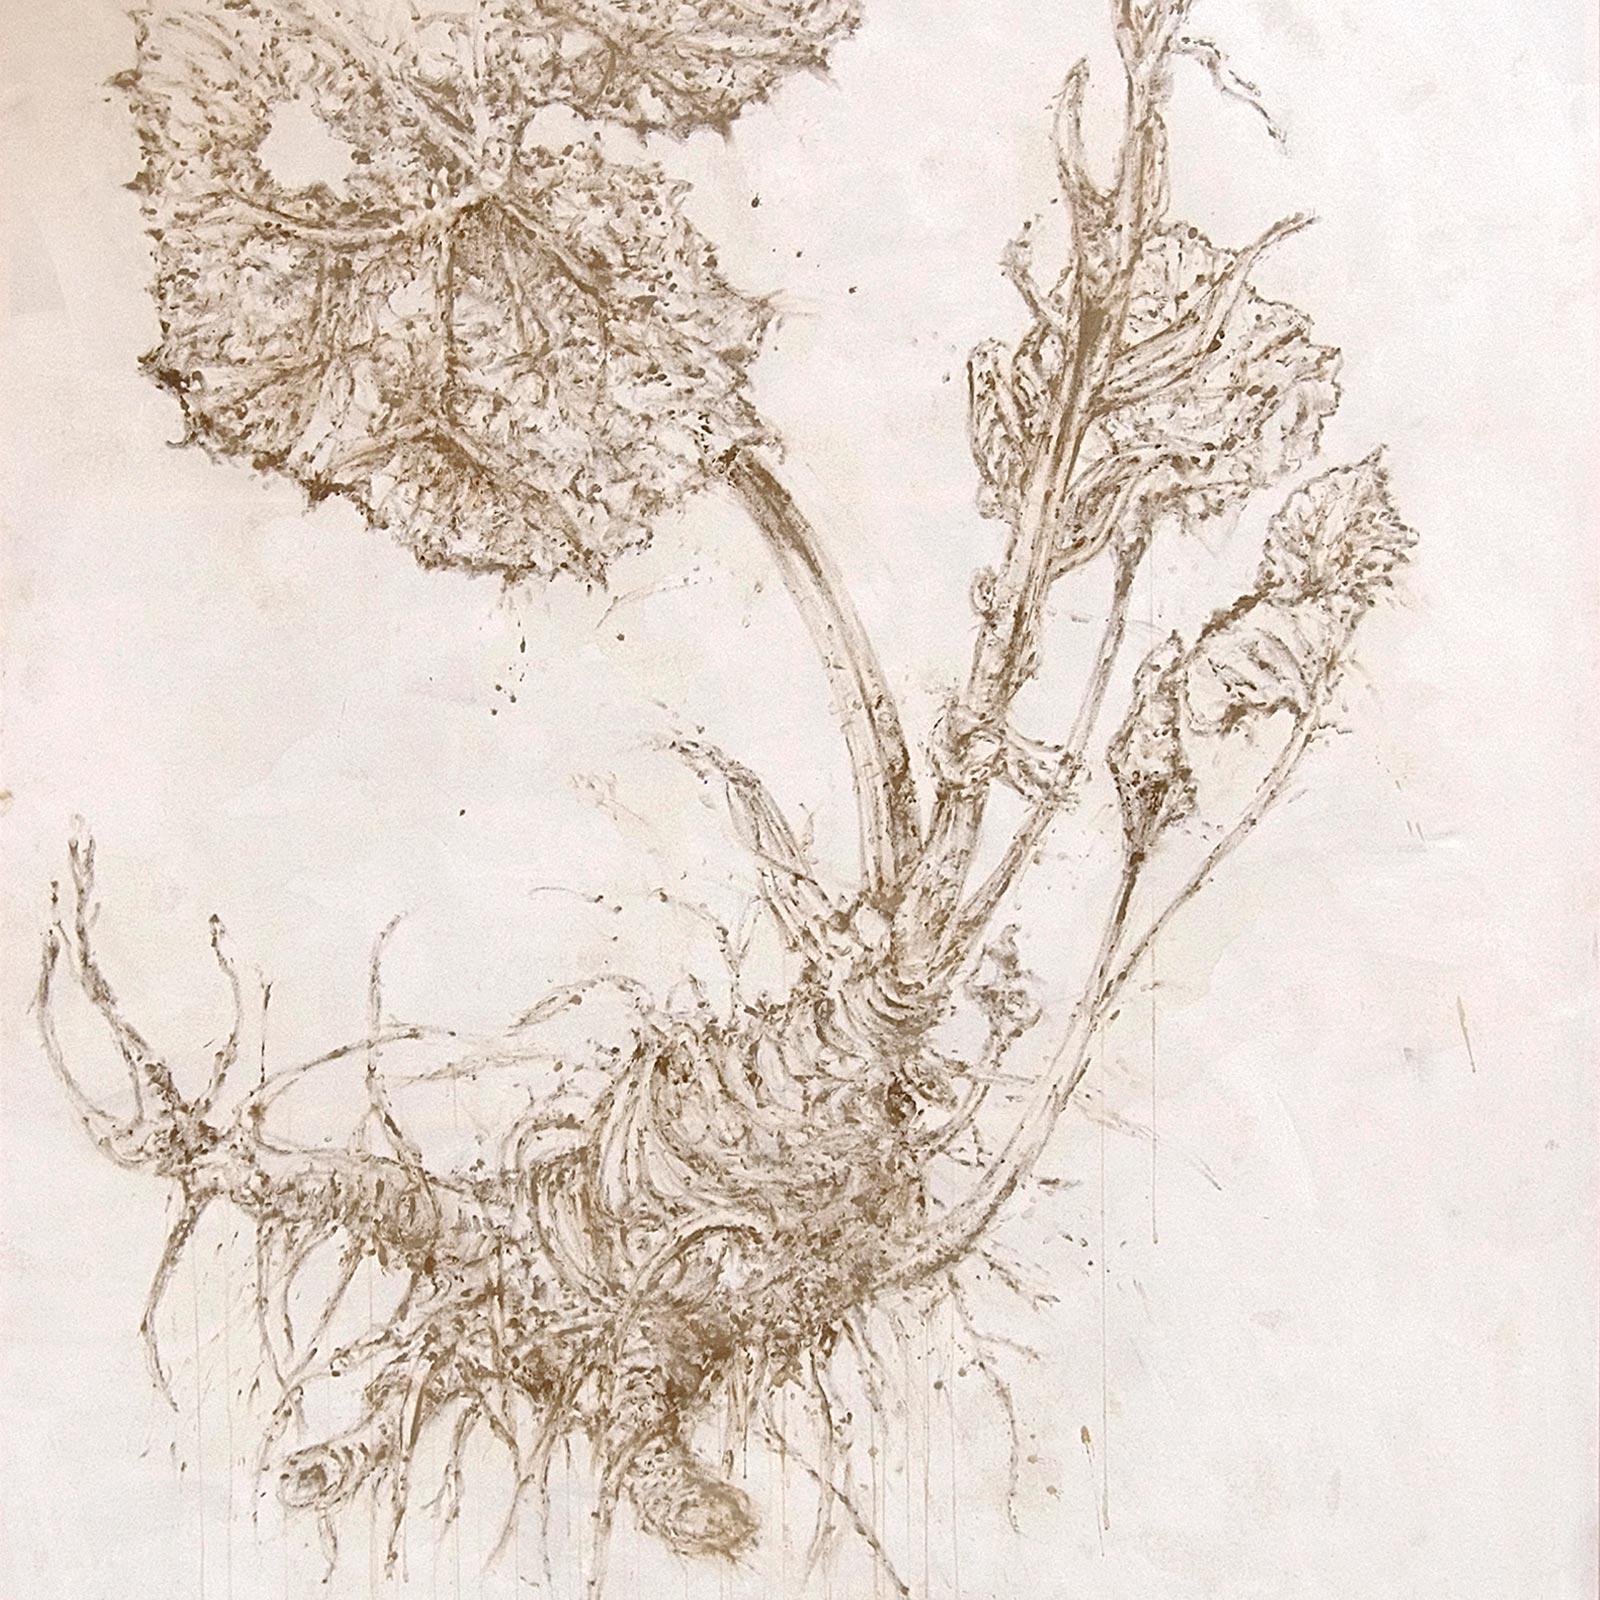 Caterina-Sbrana-Tavola-botanica-Farfaraccio,-2008-fango-su-tela-192×226-cm-0